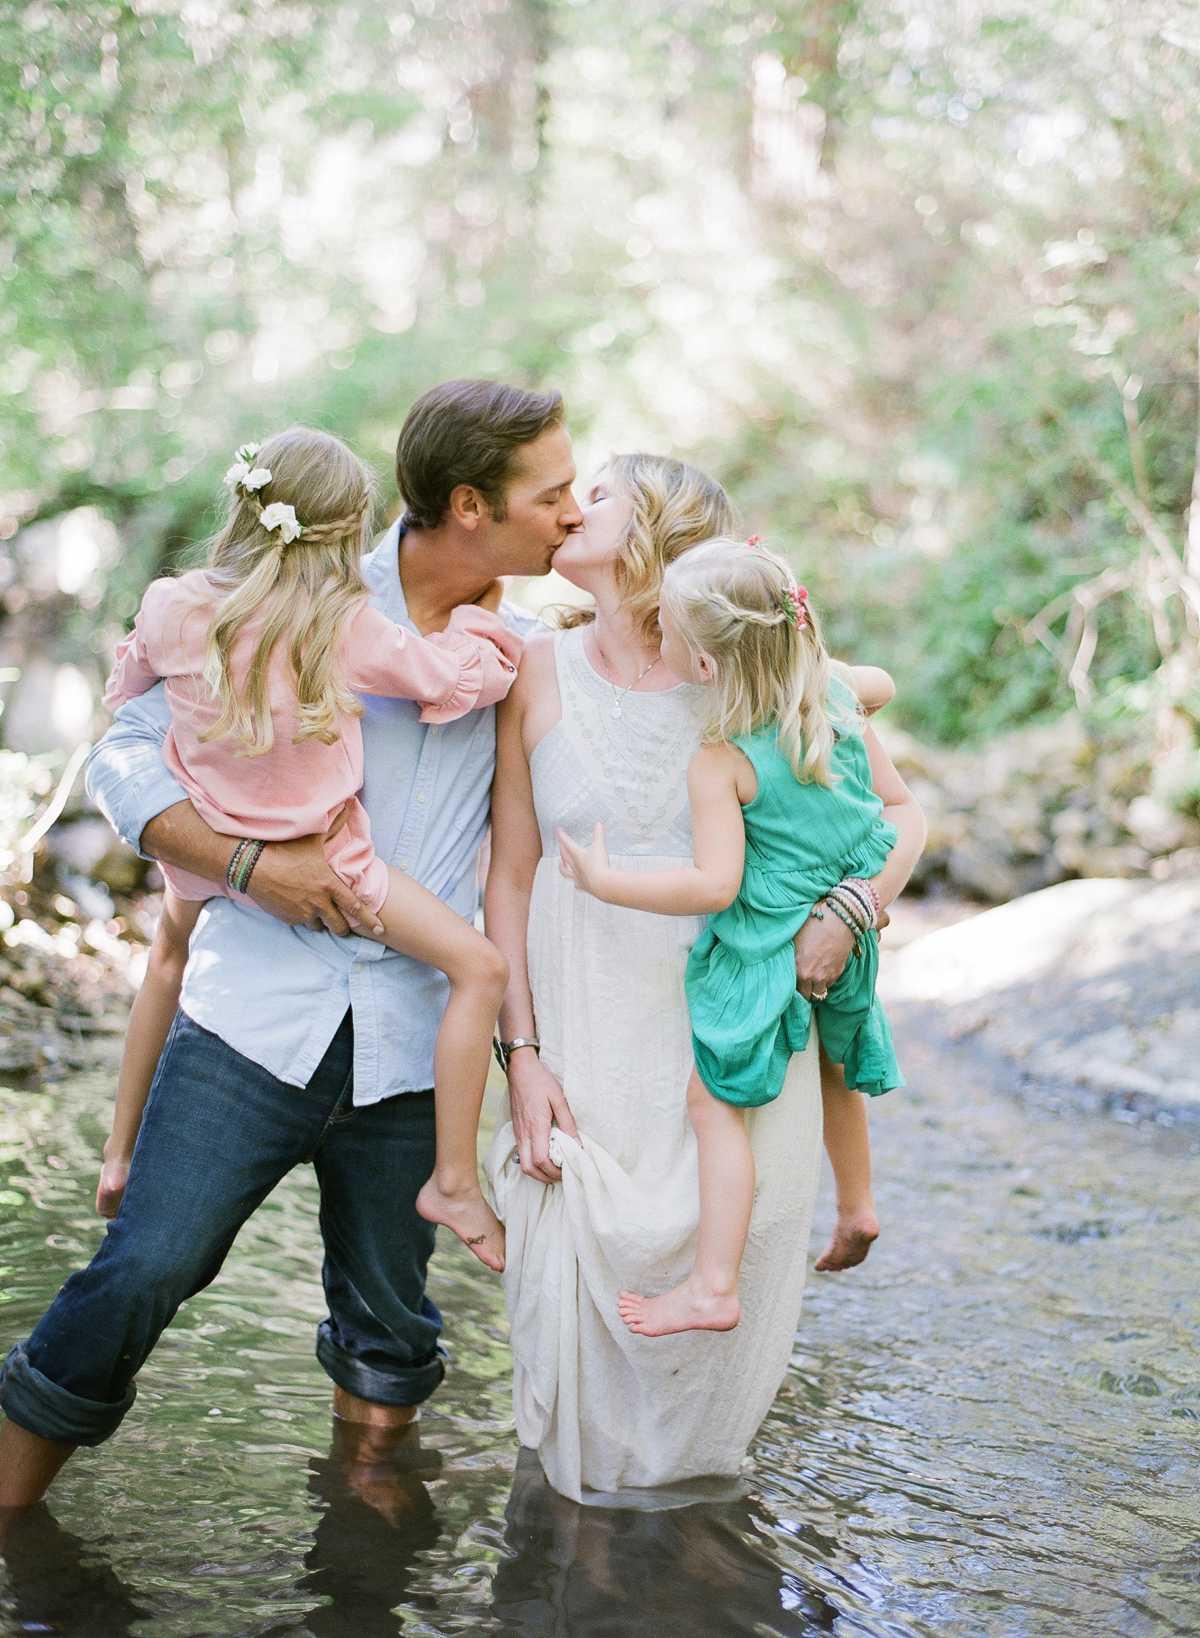 fresno-family-photographers_0016.jpg